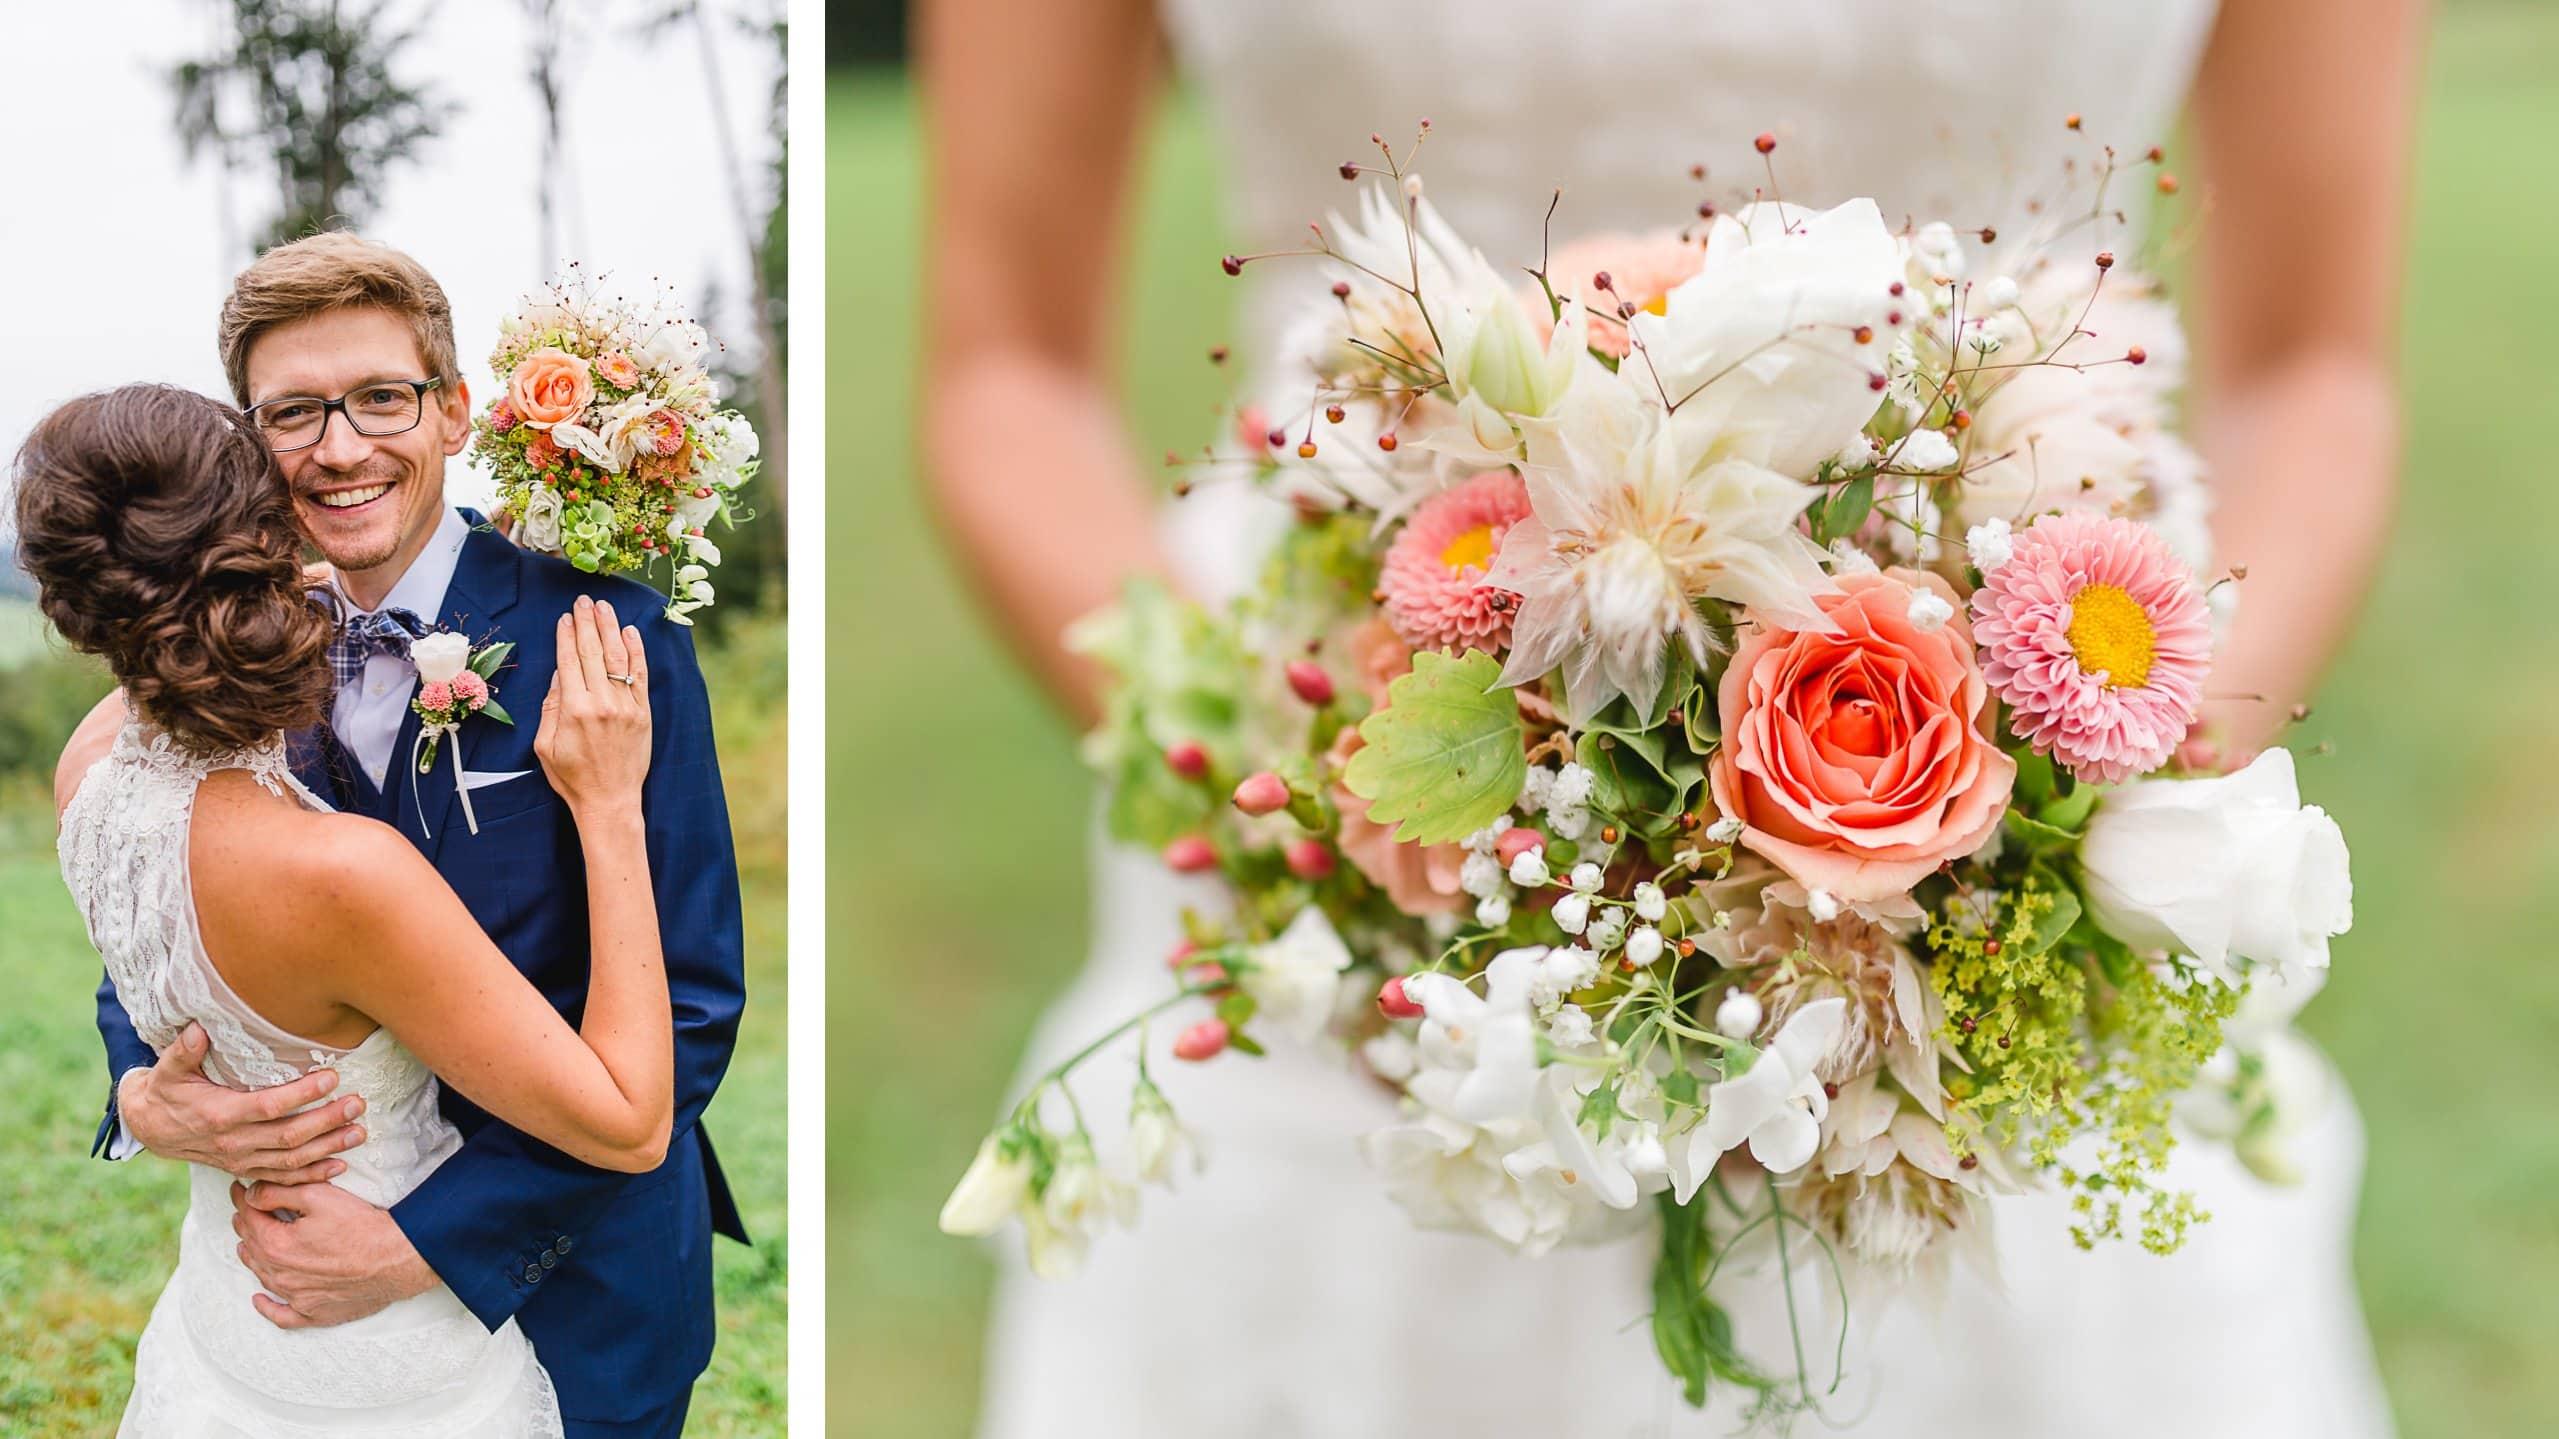 Vintage Hochzeitspaar mit lockerem Brautstrauß in Apricot und Creme